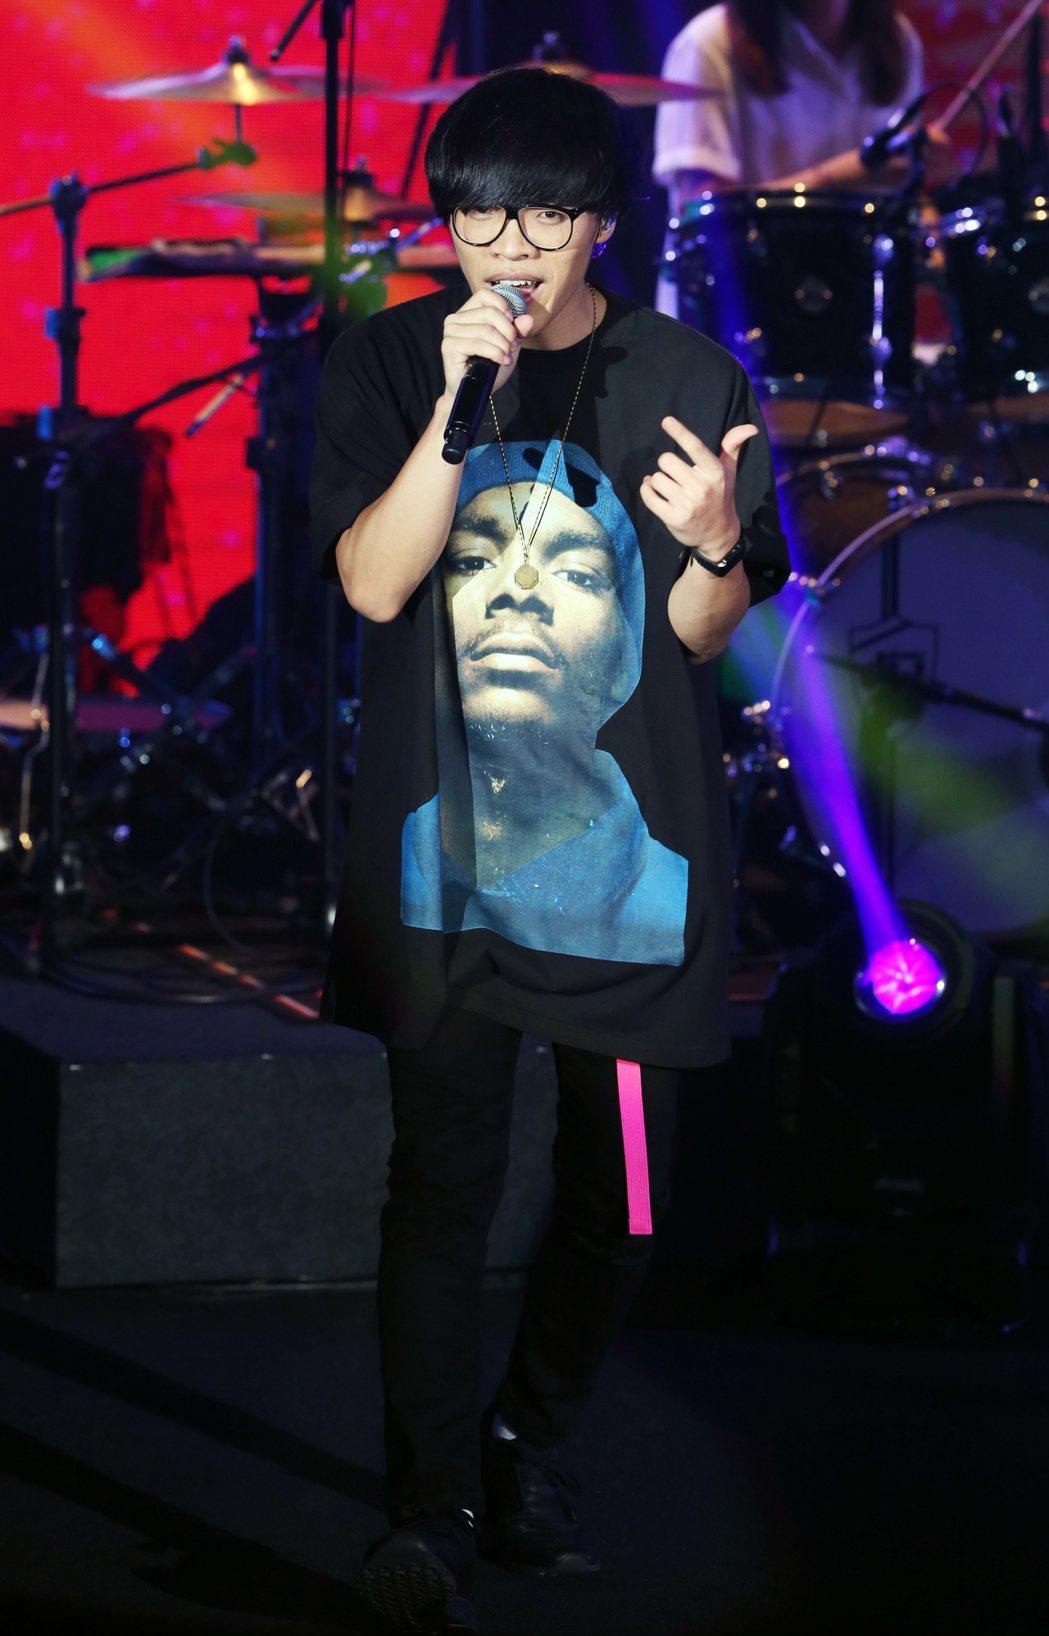 盧廣仲昨晚在台北國際會議中心舉辦《春季巡迴安可場LIVE IN TICC》演唱會...